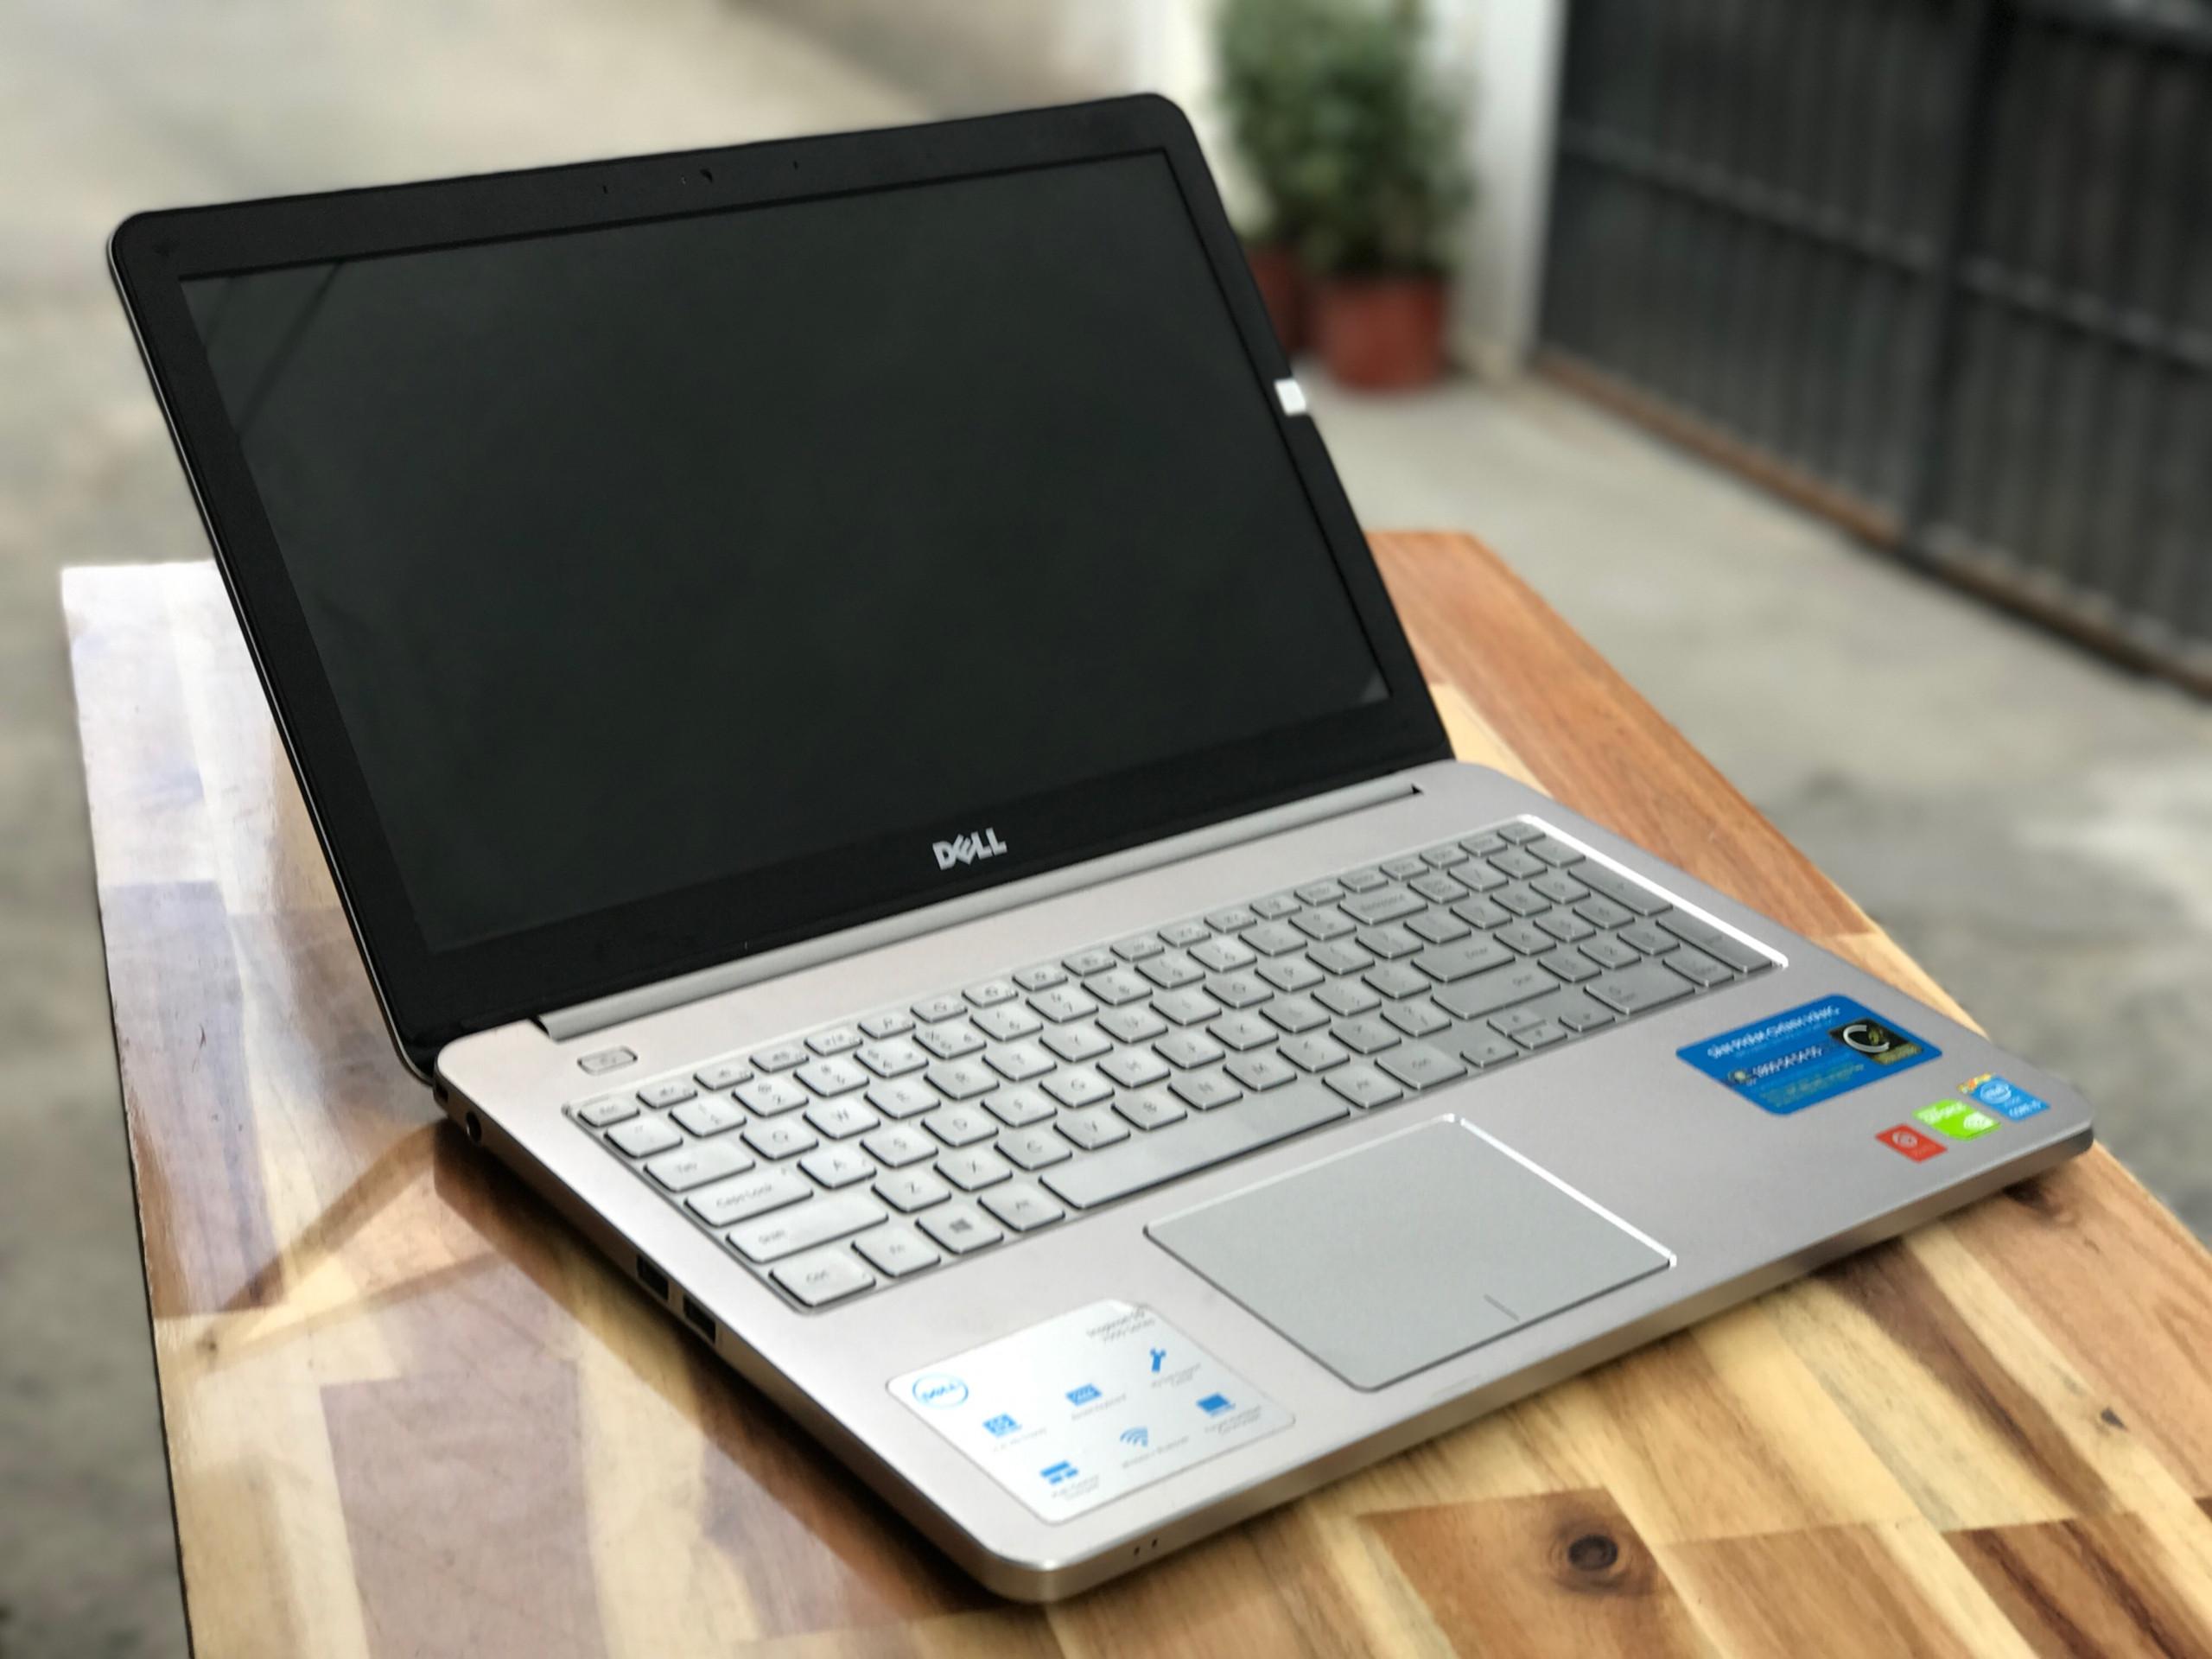 Dell' INSPRION' 7537 Đẹp 99% đẳng cấp doanh nhân thiếu hộp là bán mới